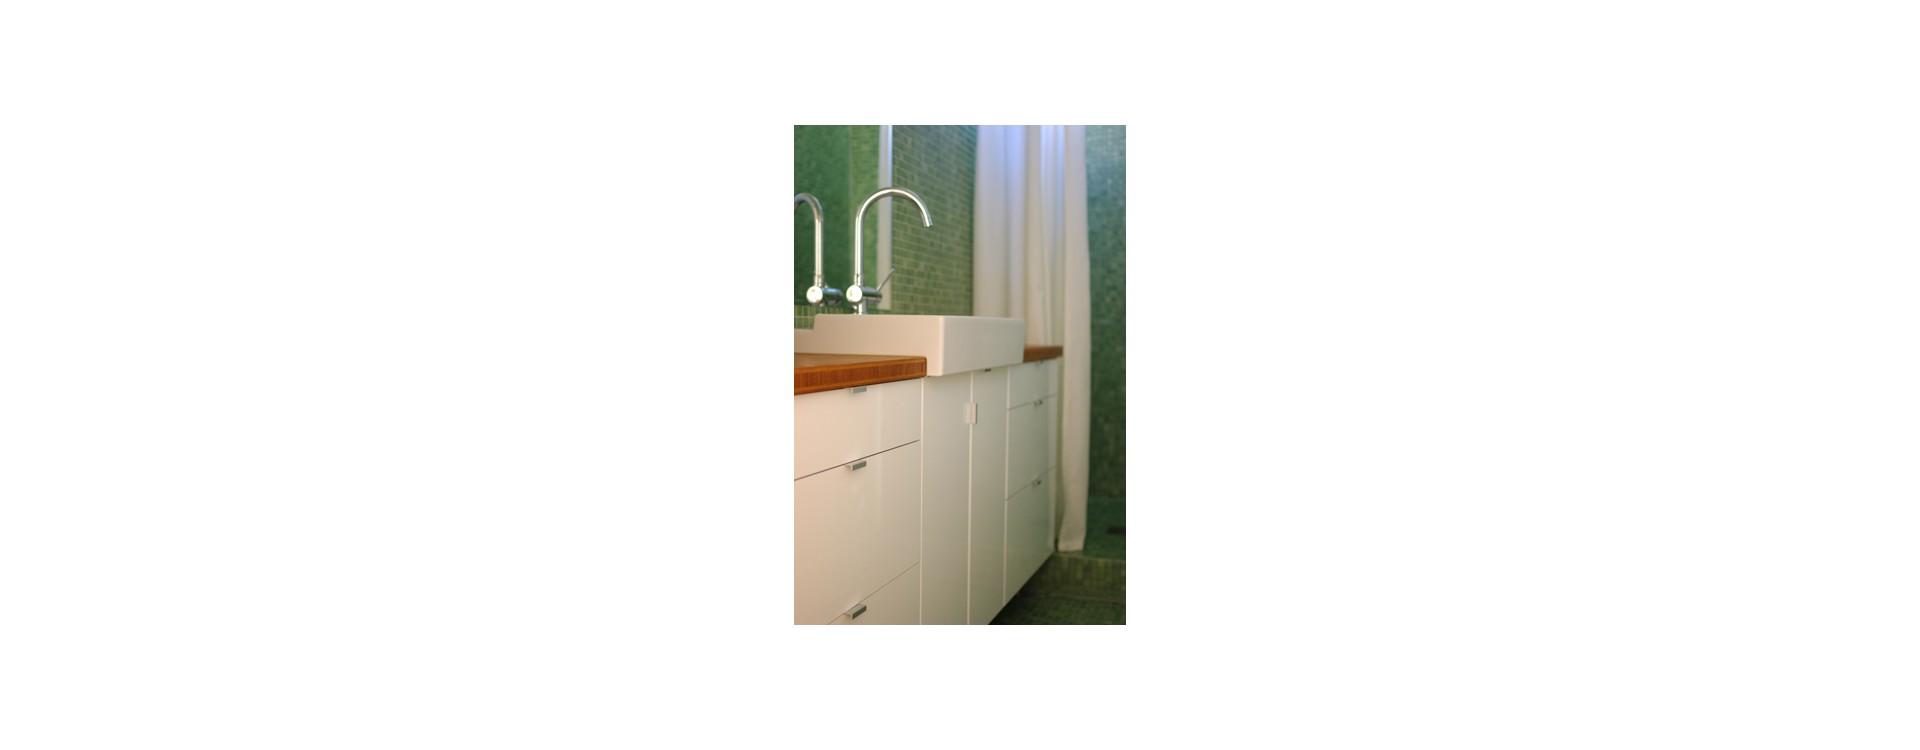 rideau lin blanc ikea awesome rideau tamine secret maison with rideau lin blanc ikea perfect. Black Bedroom Furniture Sets. Home Design Ideas